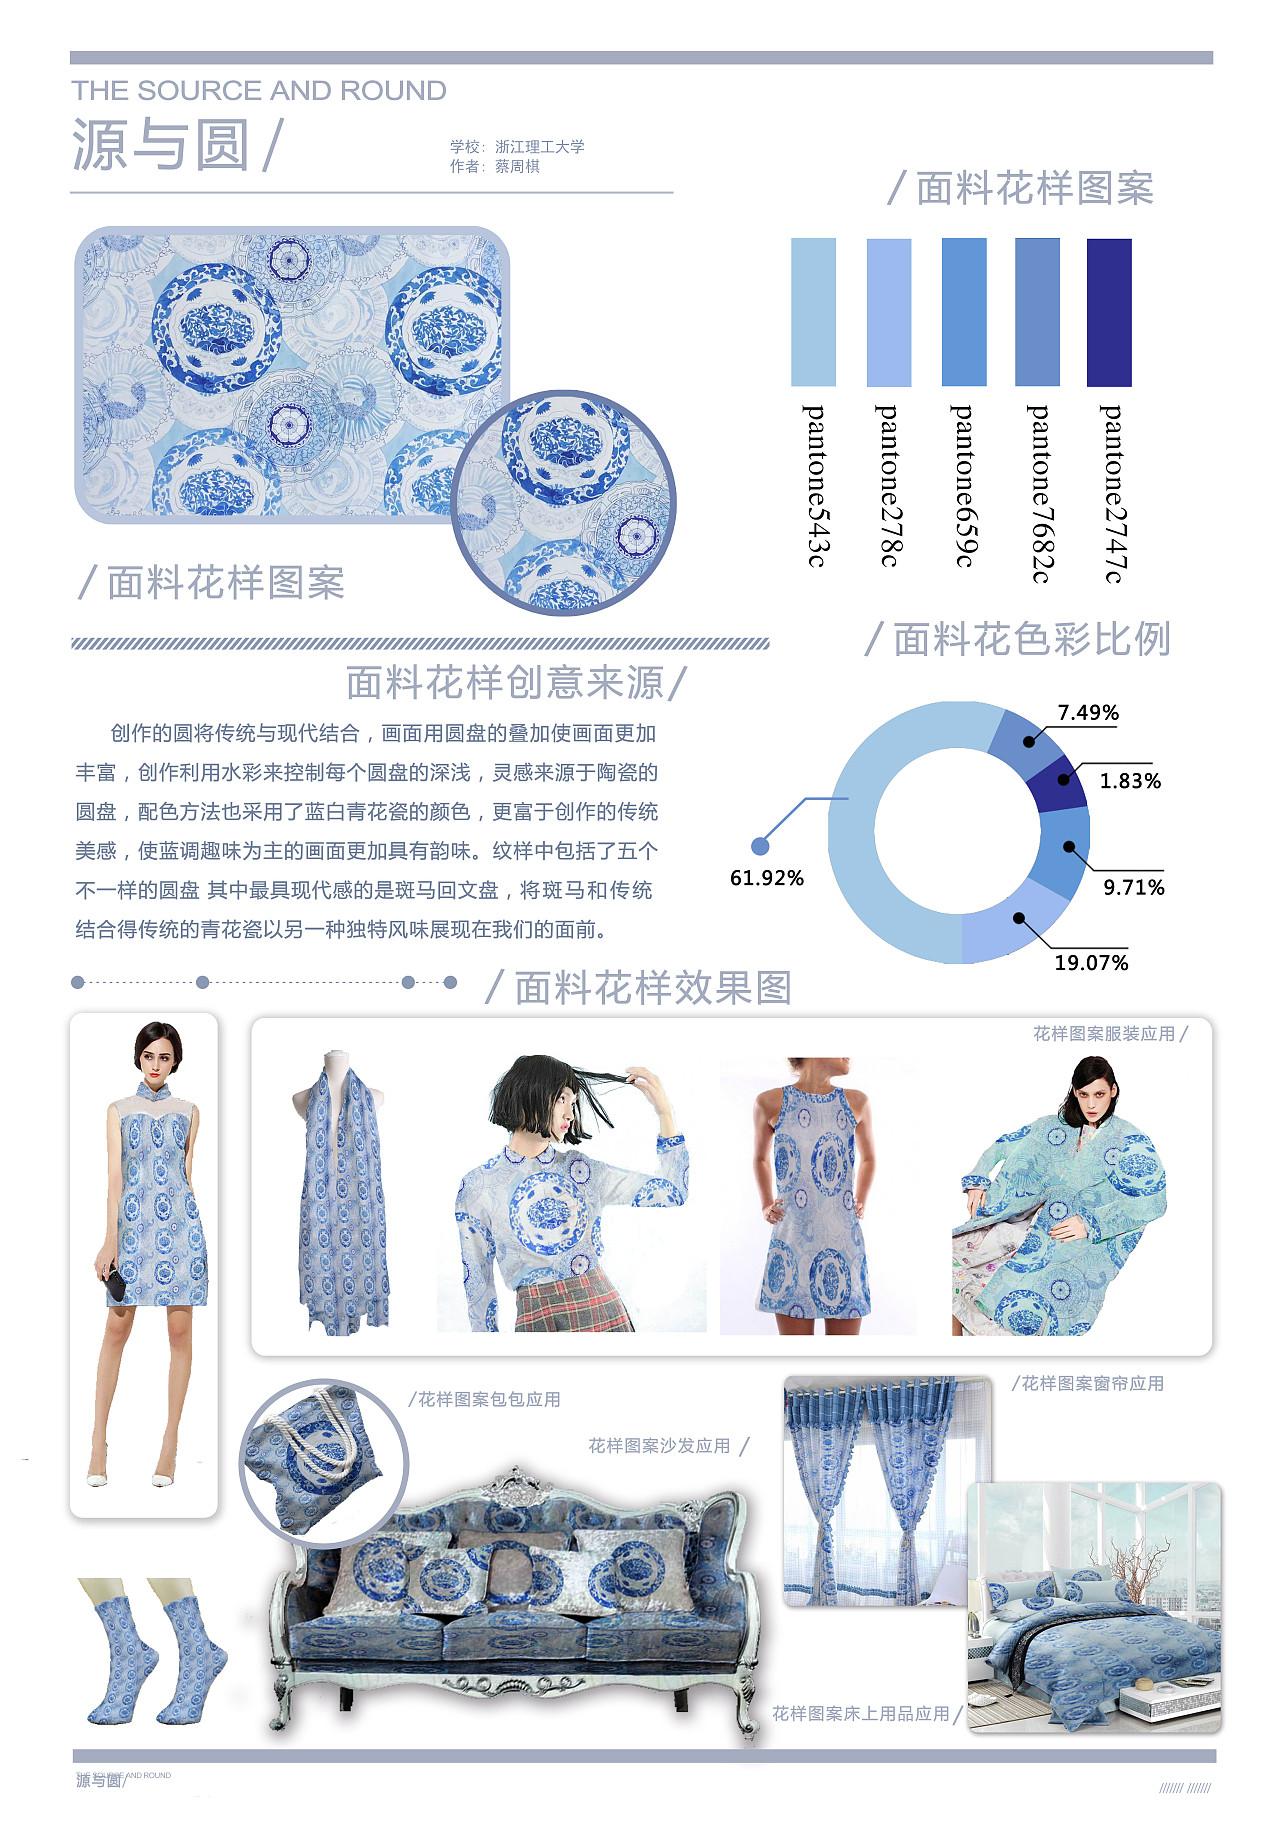 源与圆 2015中国国际面料创意设计大赛文化传承奖图片